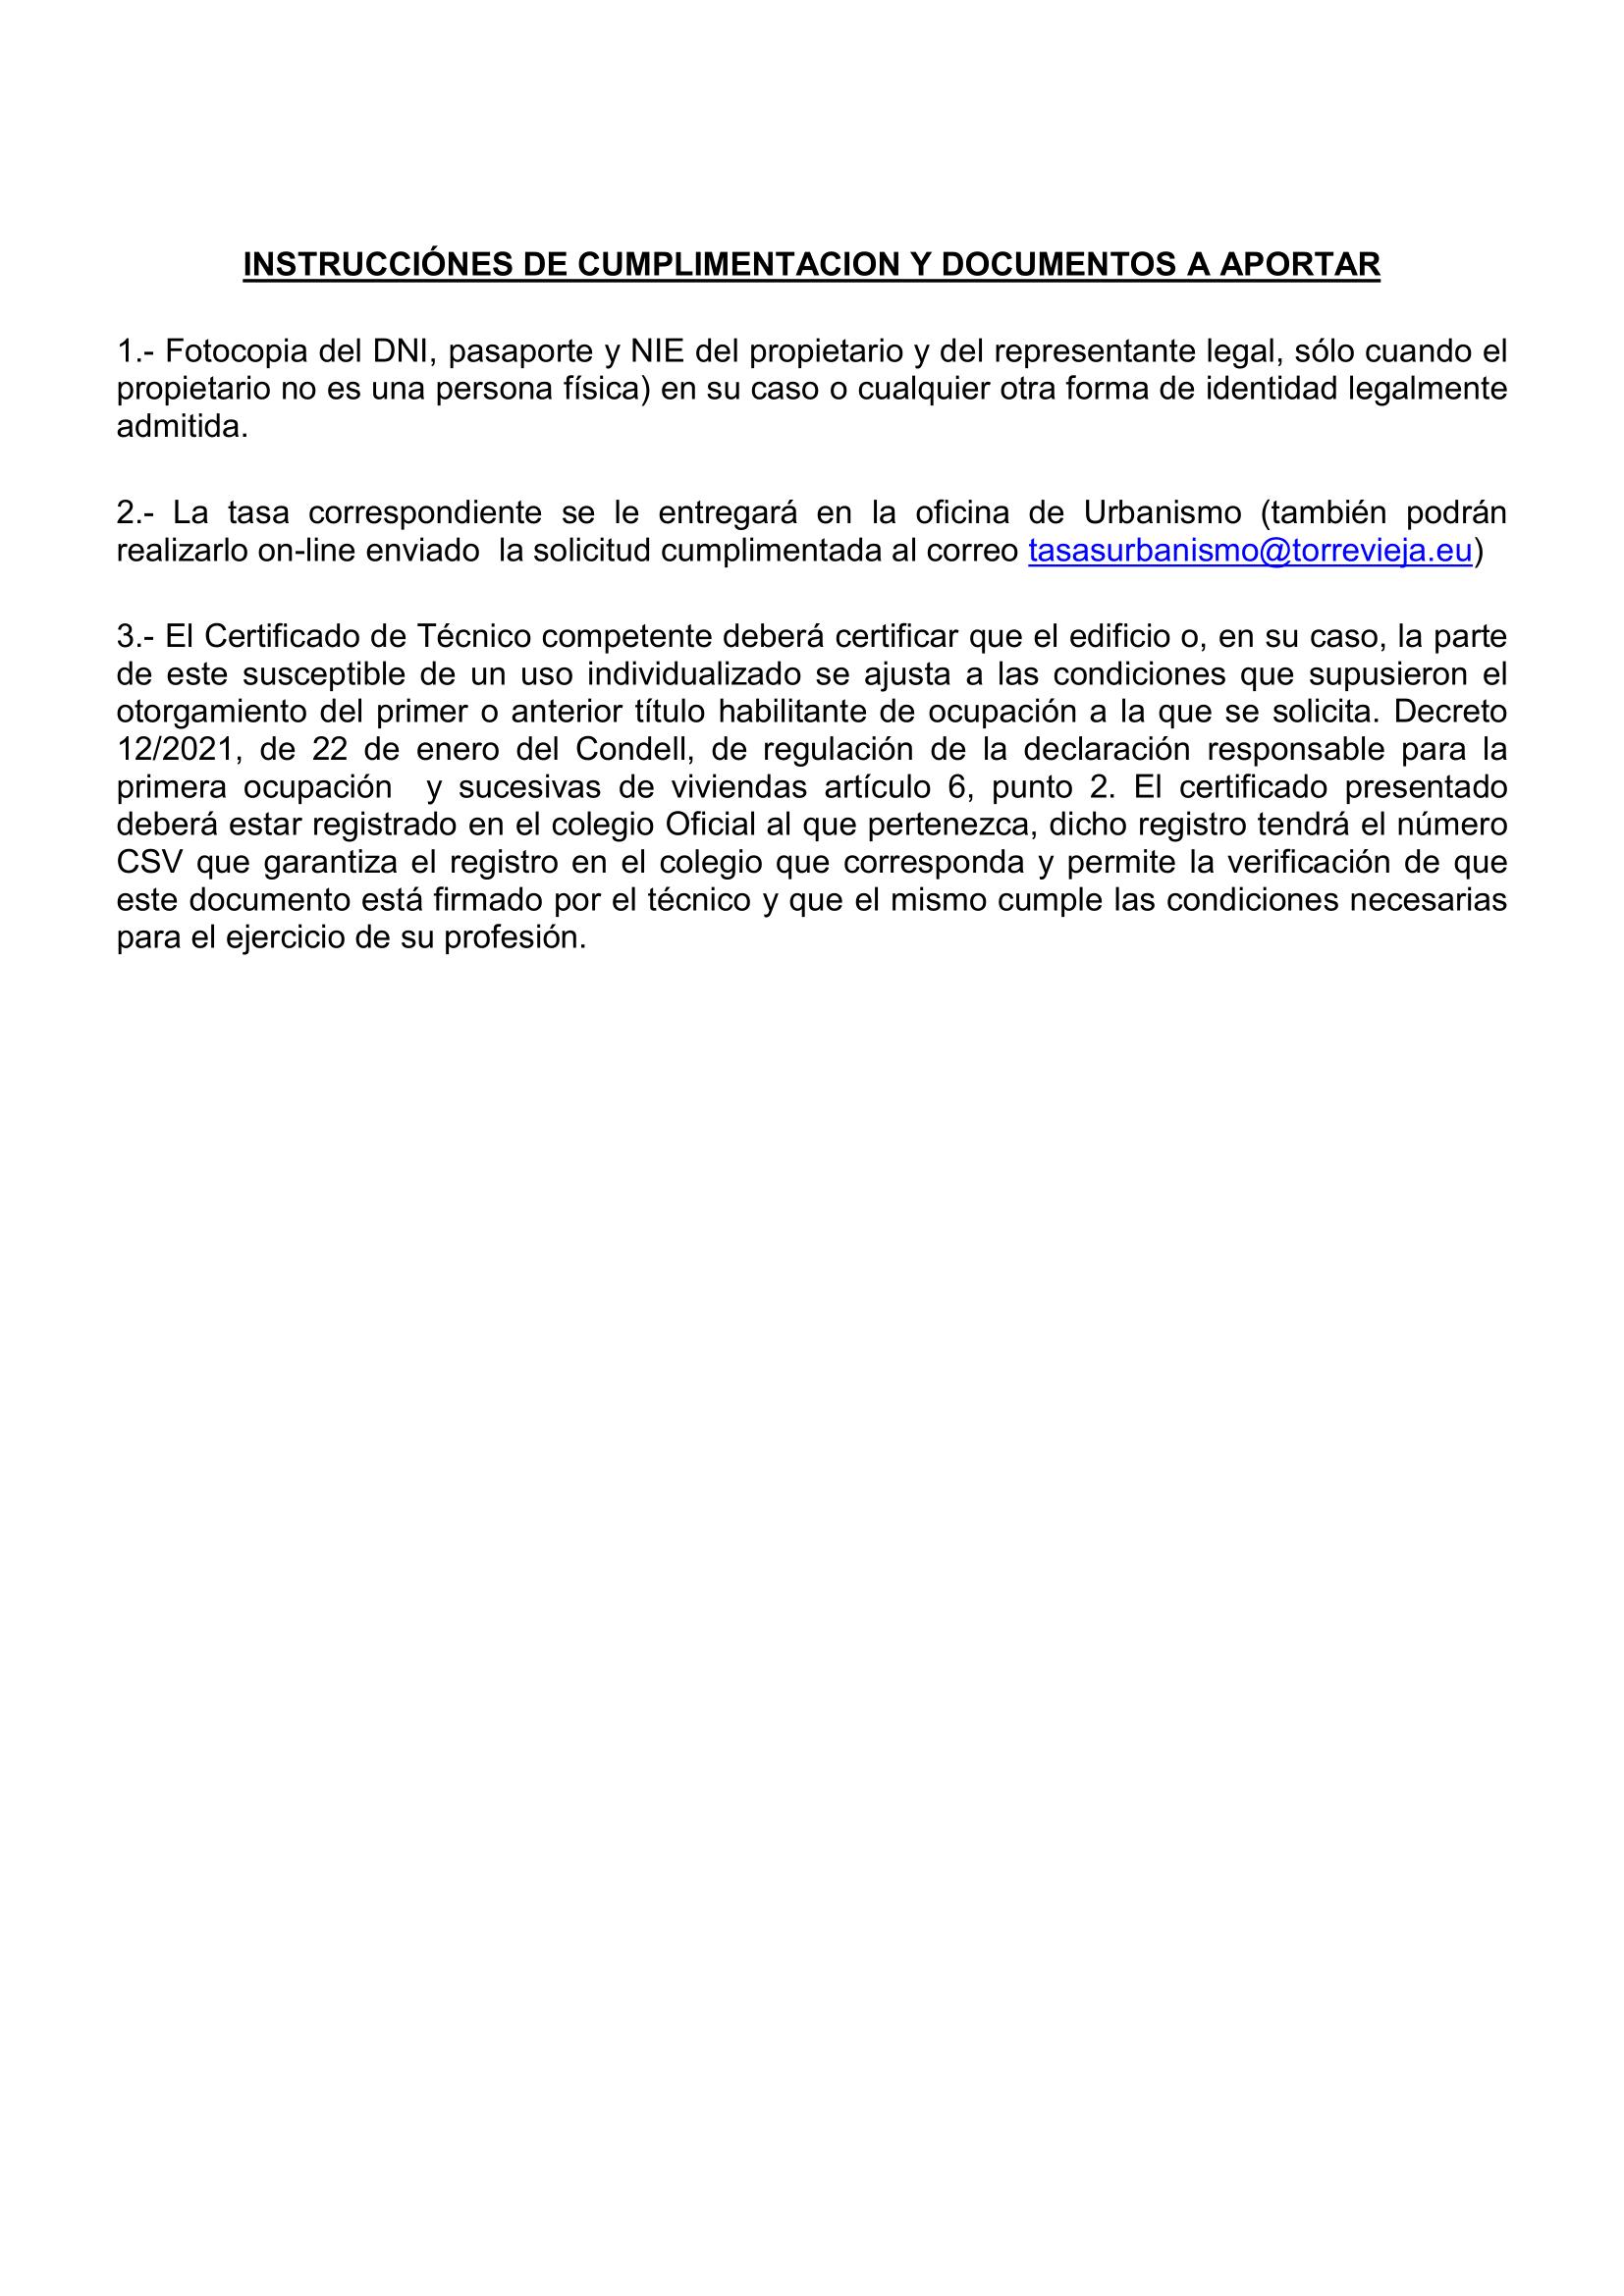 Cédula de Habitabilidad - Segunda Ocupación Torrevieja